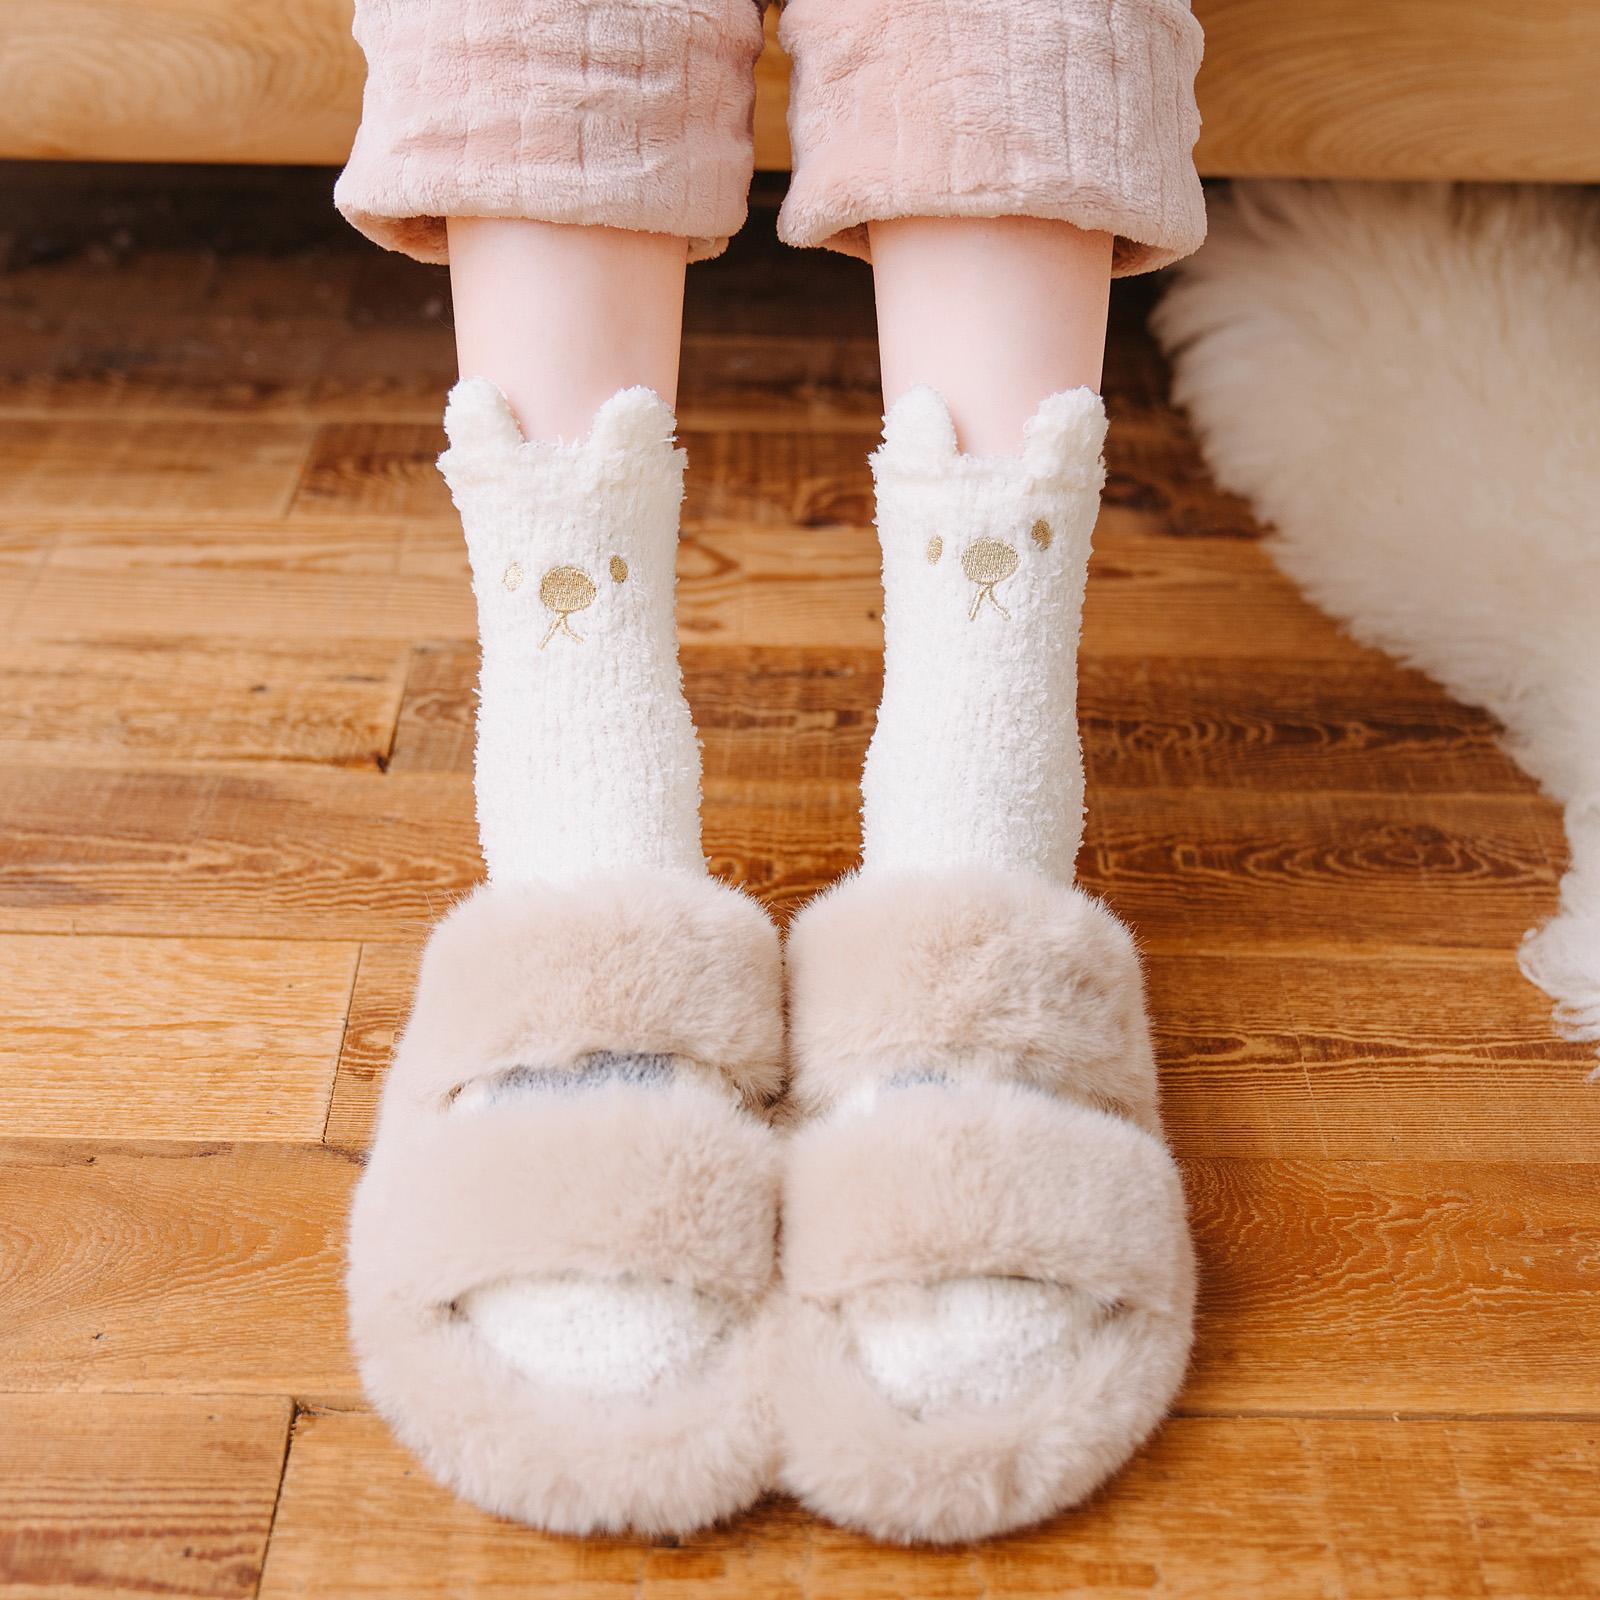 毛袜子冬季加厚加绒珊瑚绒中筒袜女冬天可爱睡觉穿的睡眠袜家居袜